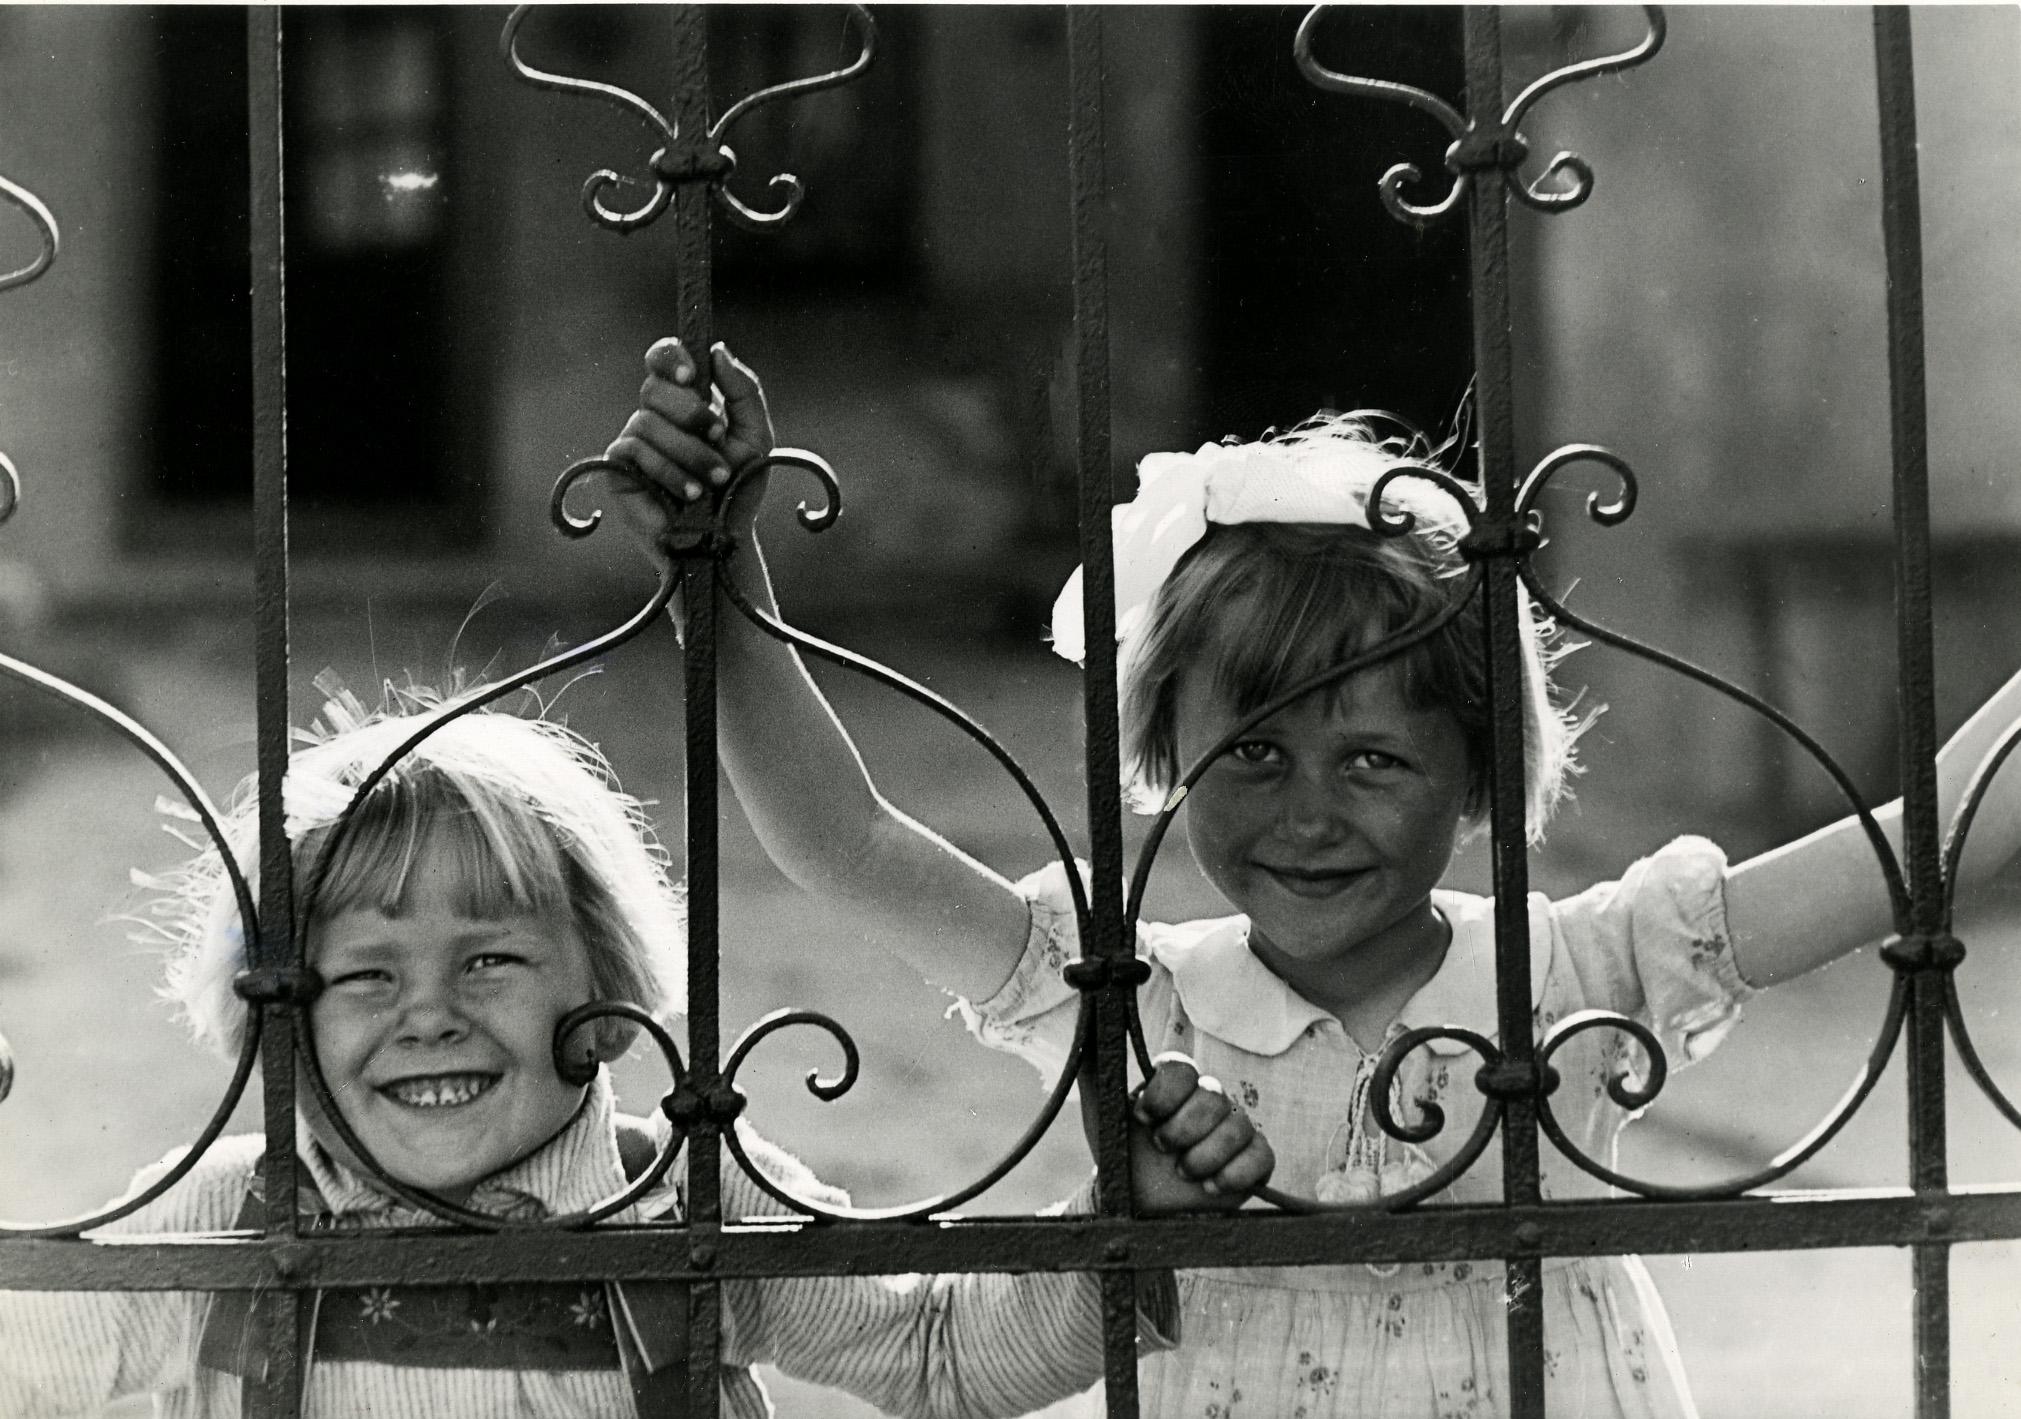 Fotó: Haller F.G.: Kislányok a kerítésrács mögött, 1935 k. © Magyar Fotográfiai Múzeum